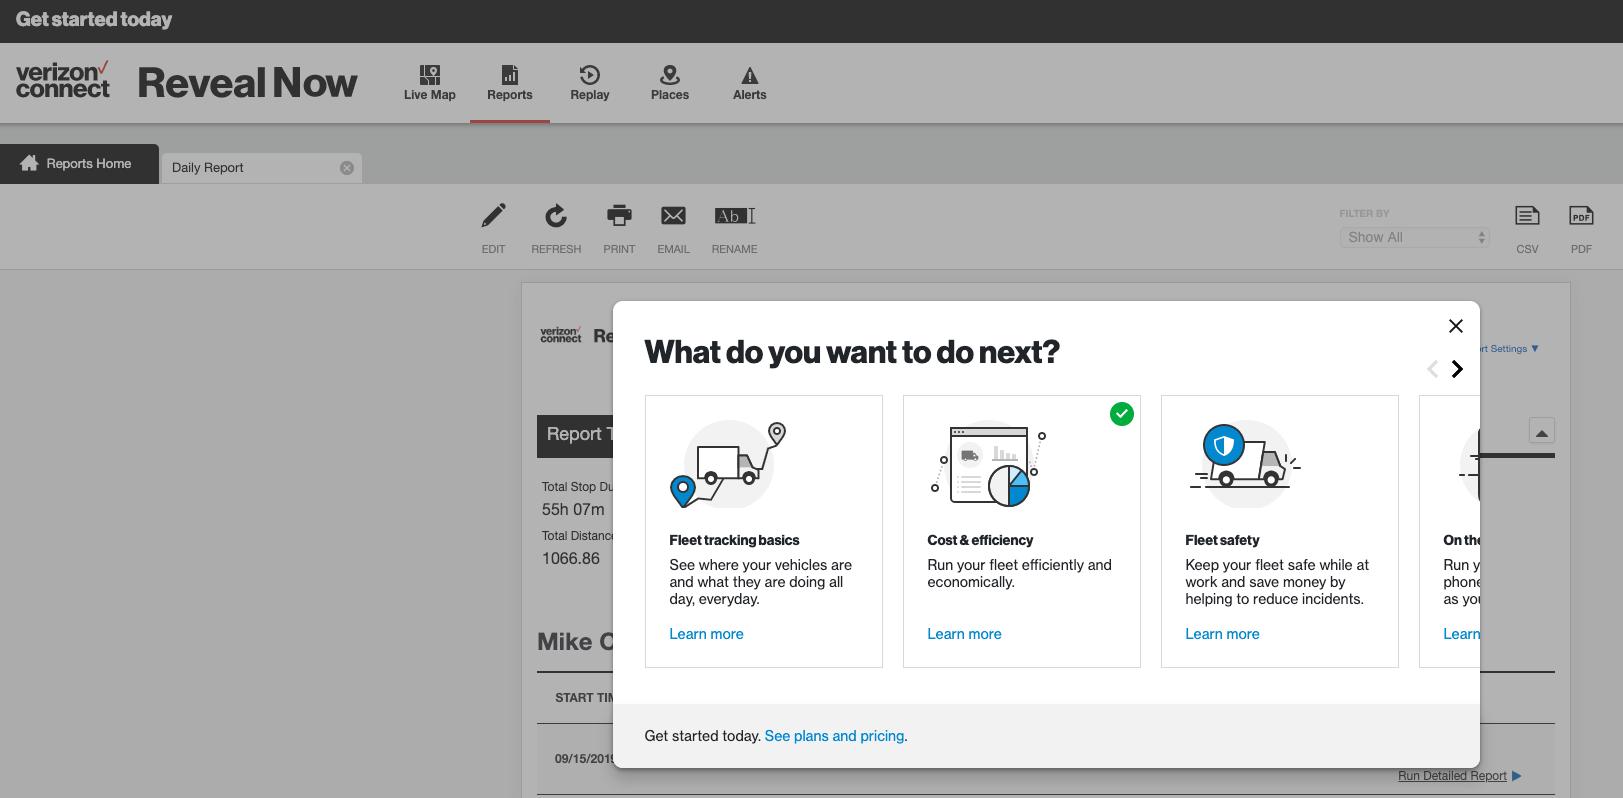 Guide Pendo Verizon Connect